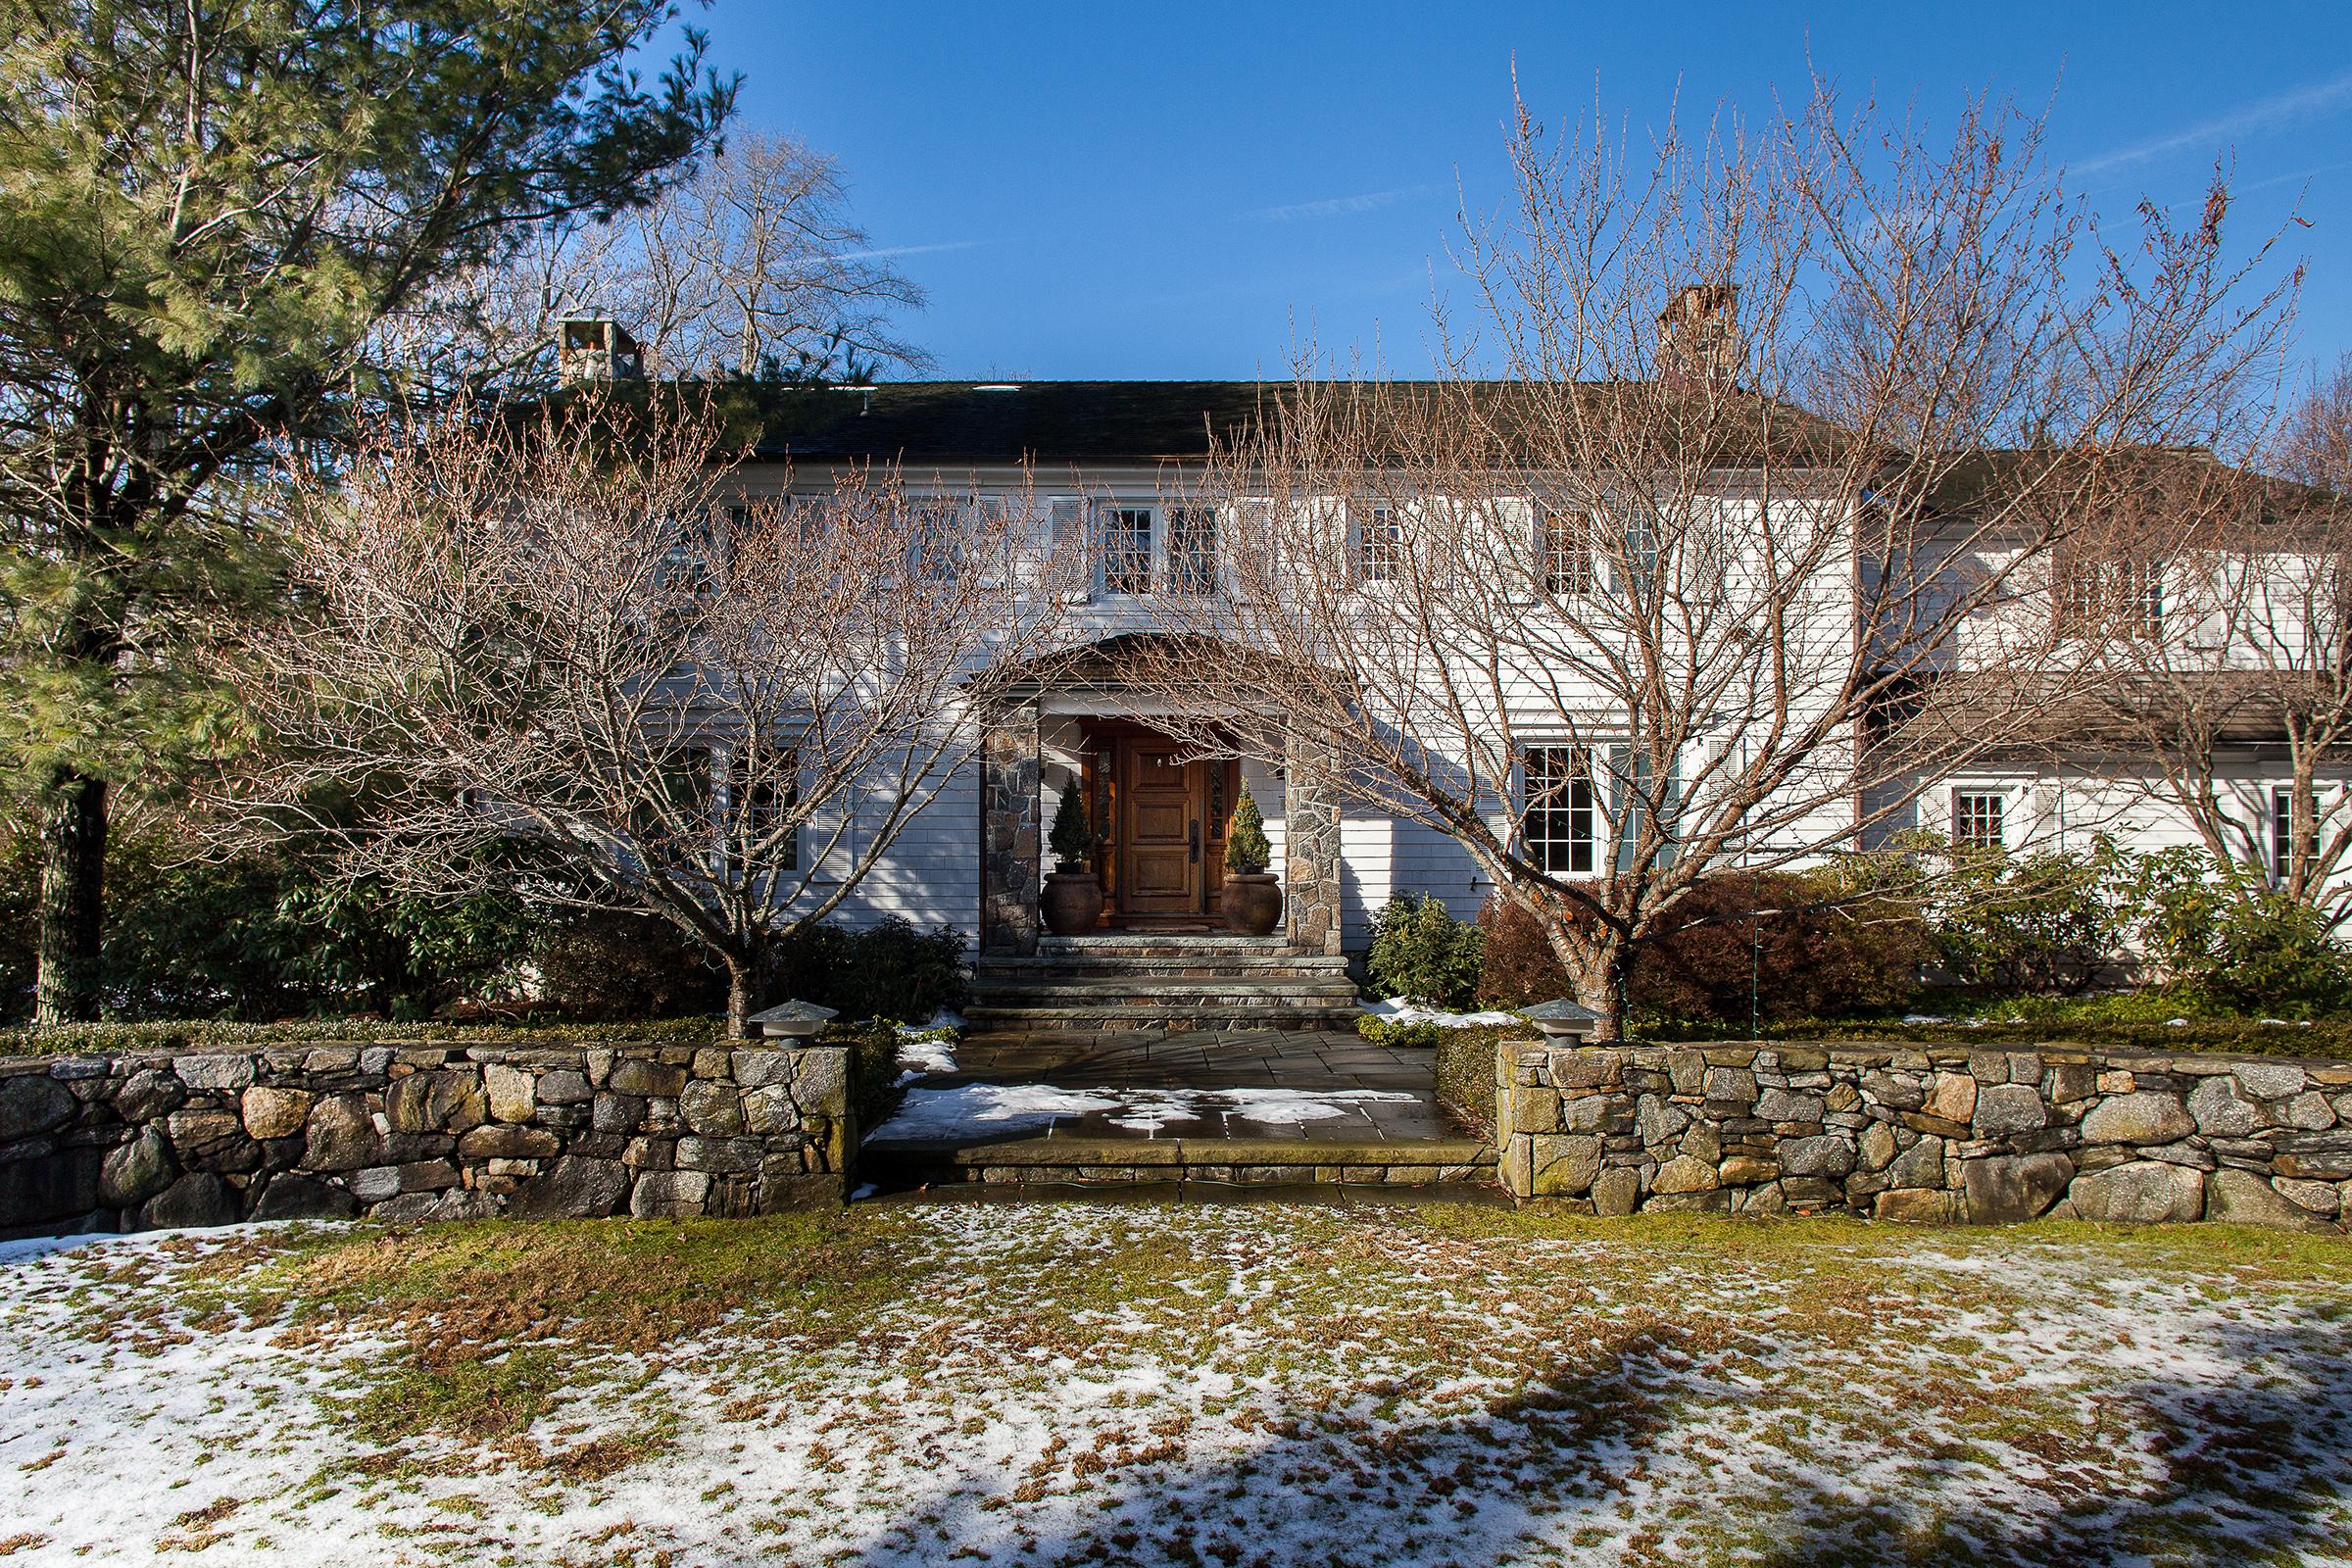 独户住宅 为 销售 在 950 Forest Avenue 拉伊, 纽约州, 10580 美国